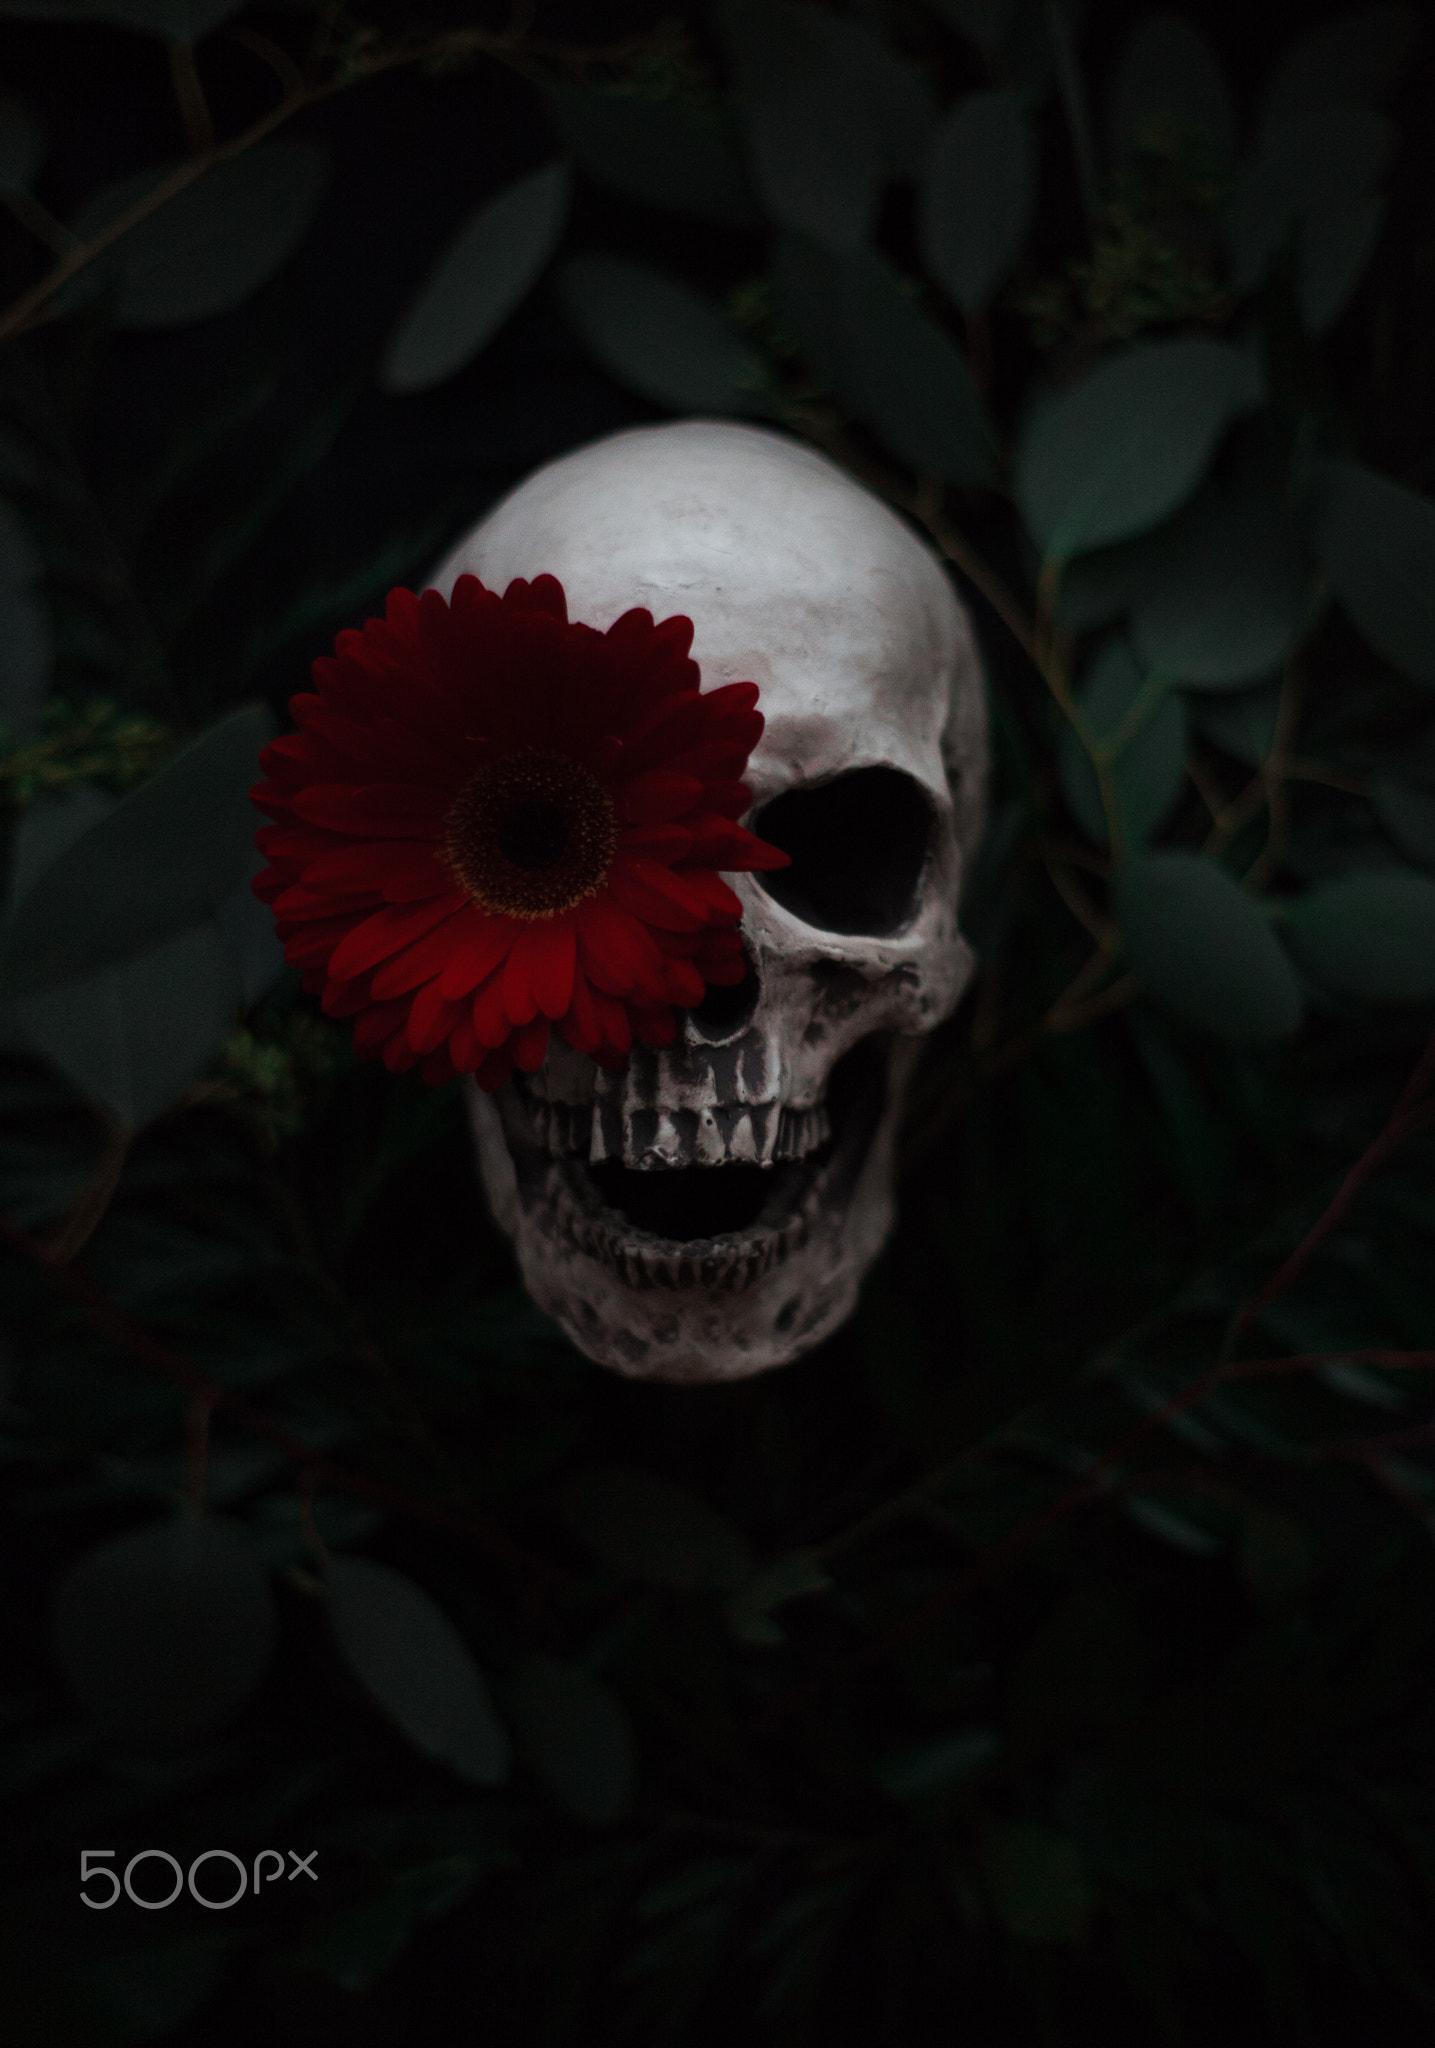 фотографии череп с цветами предлагает для